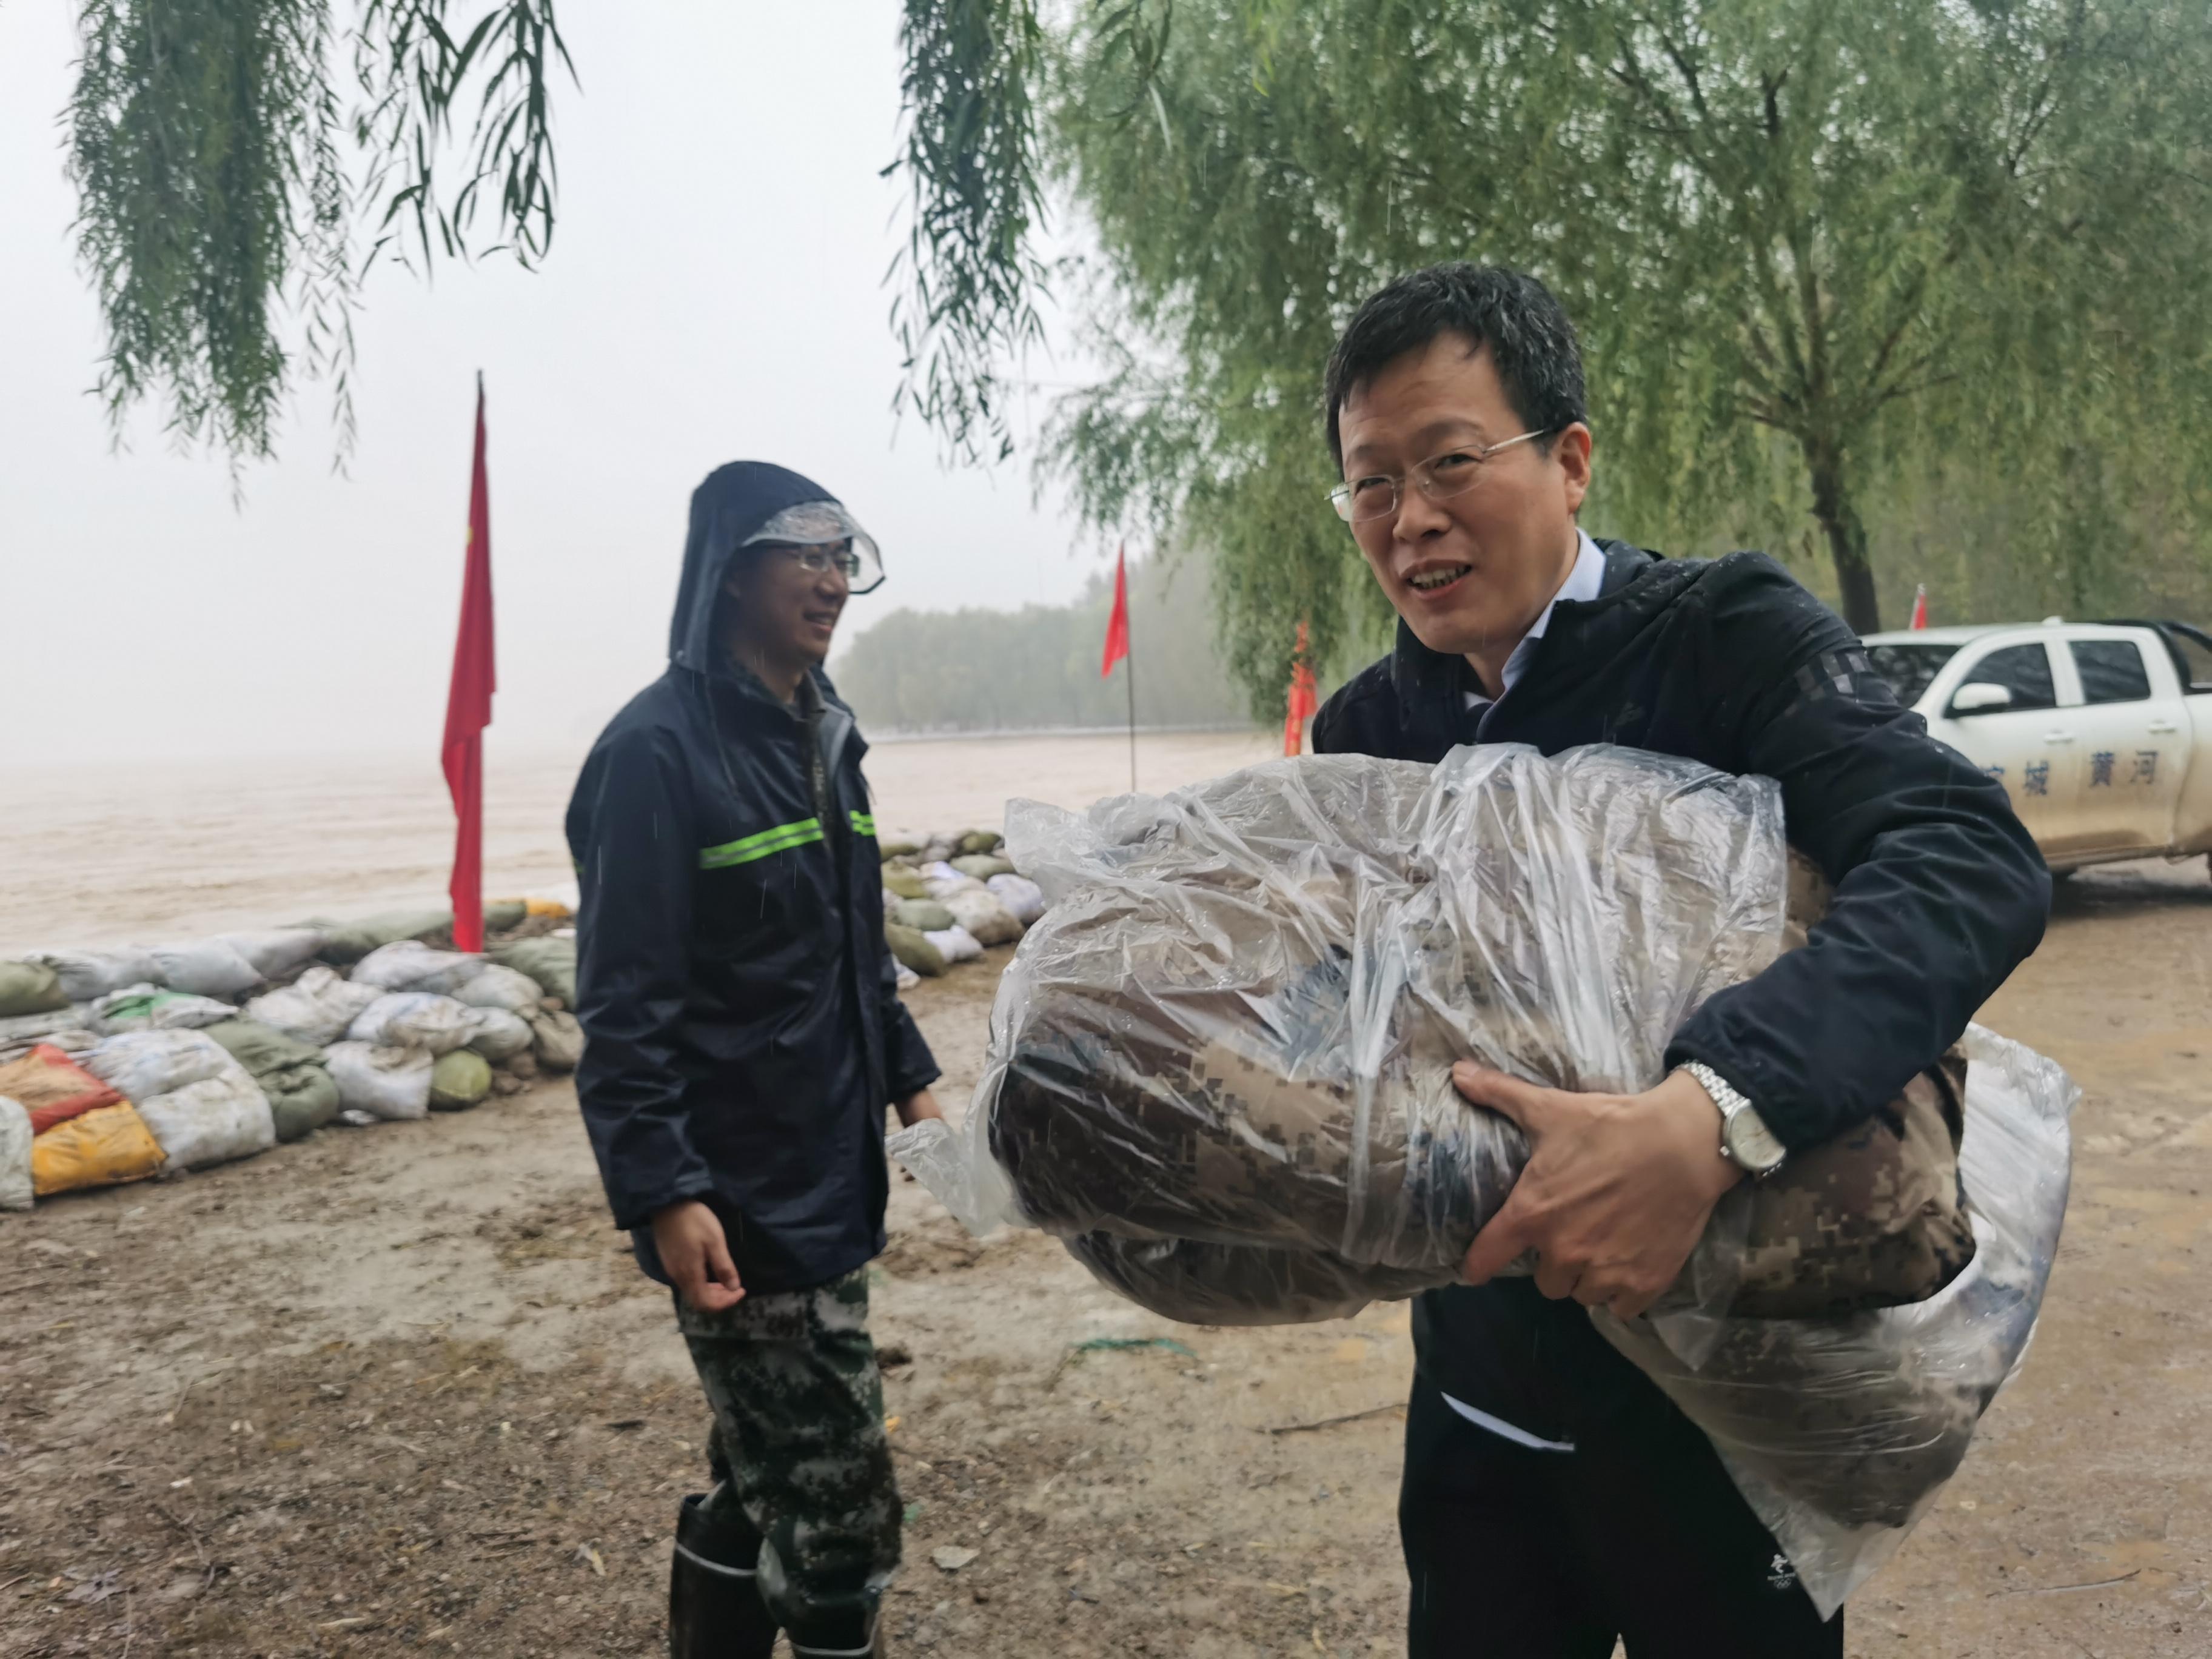 建设银行滨州分行向滨城区黄河防汛一线捐赠物资